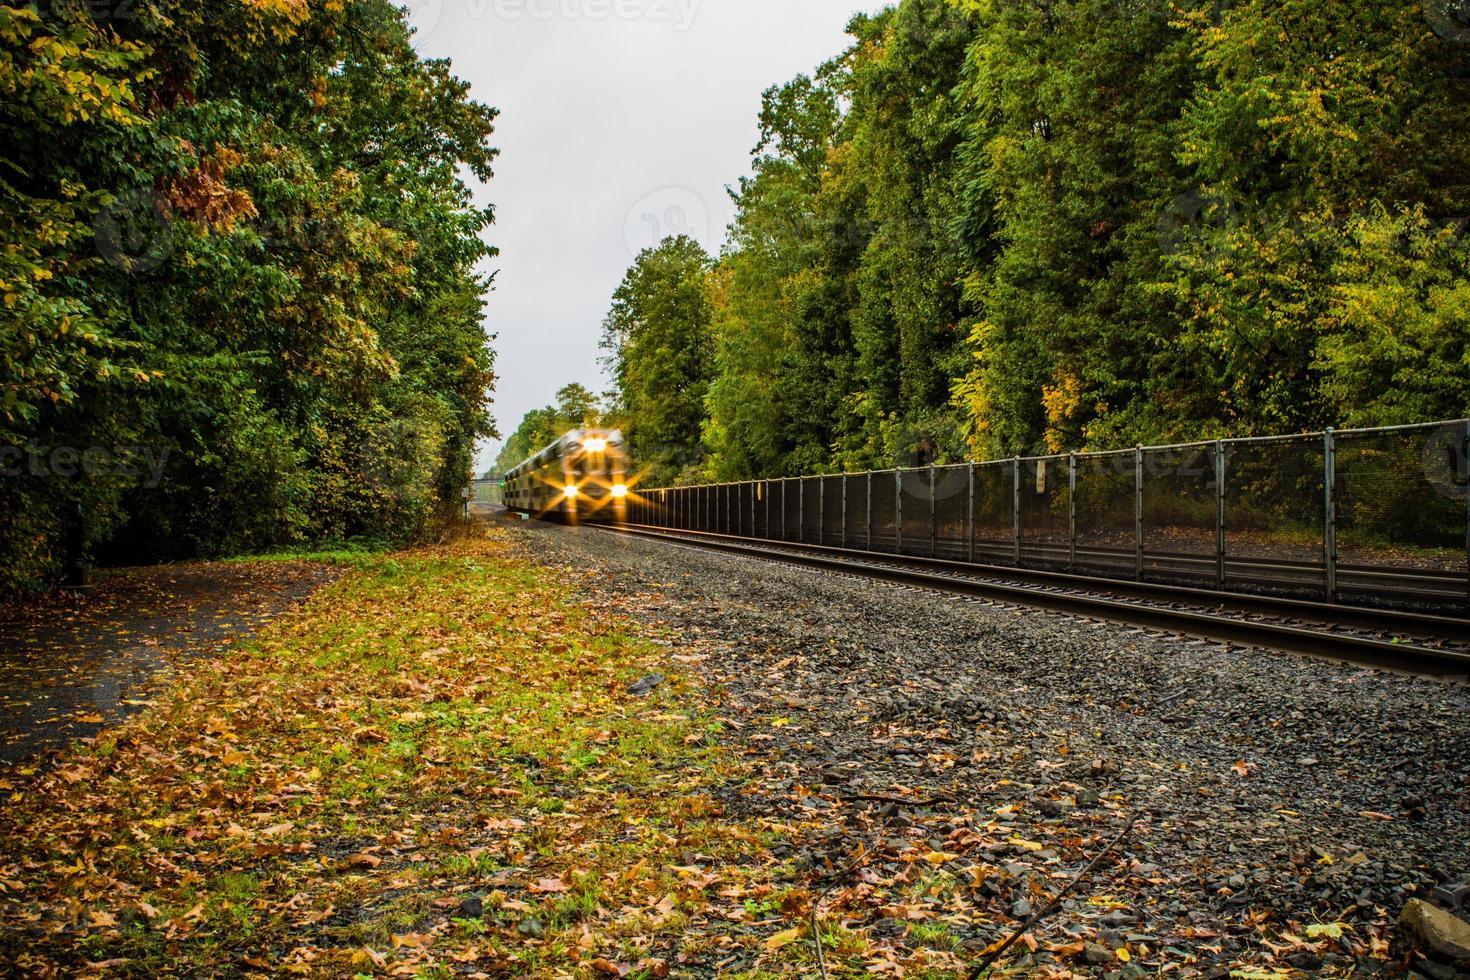 trasloco in autunno foto